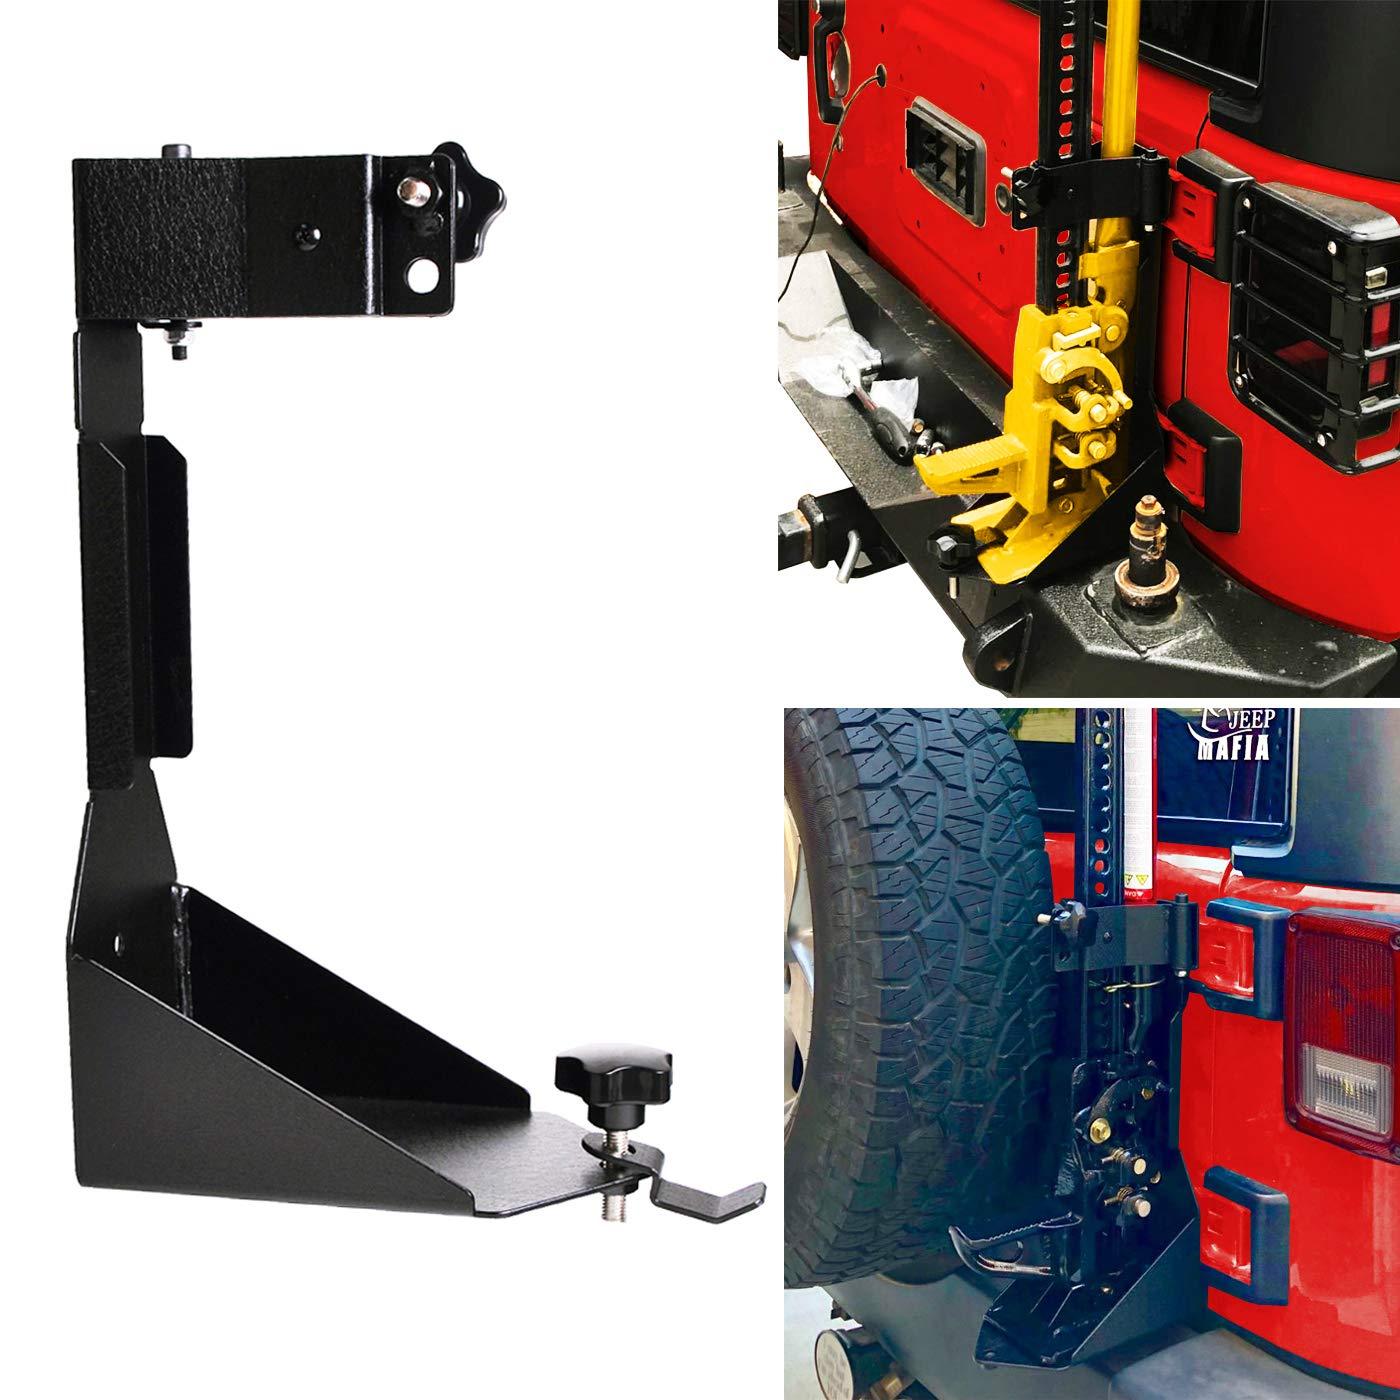 OMOTOR Off-Road Tailgate High Lift Jack Mount Bracket fit for Jeep Wrangler JK 2007 2008 2009 2010 2011 2012 2013 2014 2015 2016 2017 2018 (JK Tailgate Hi-Lift Jack Mount Bracket)